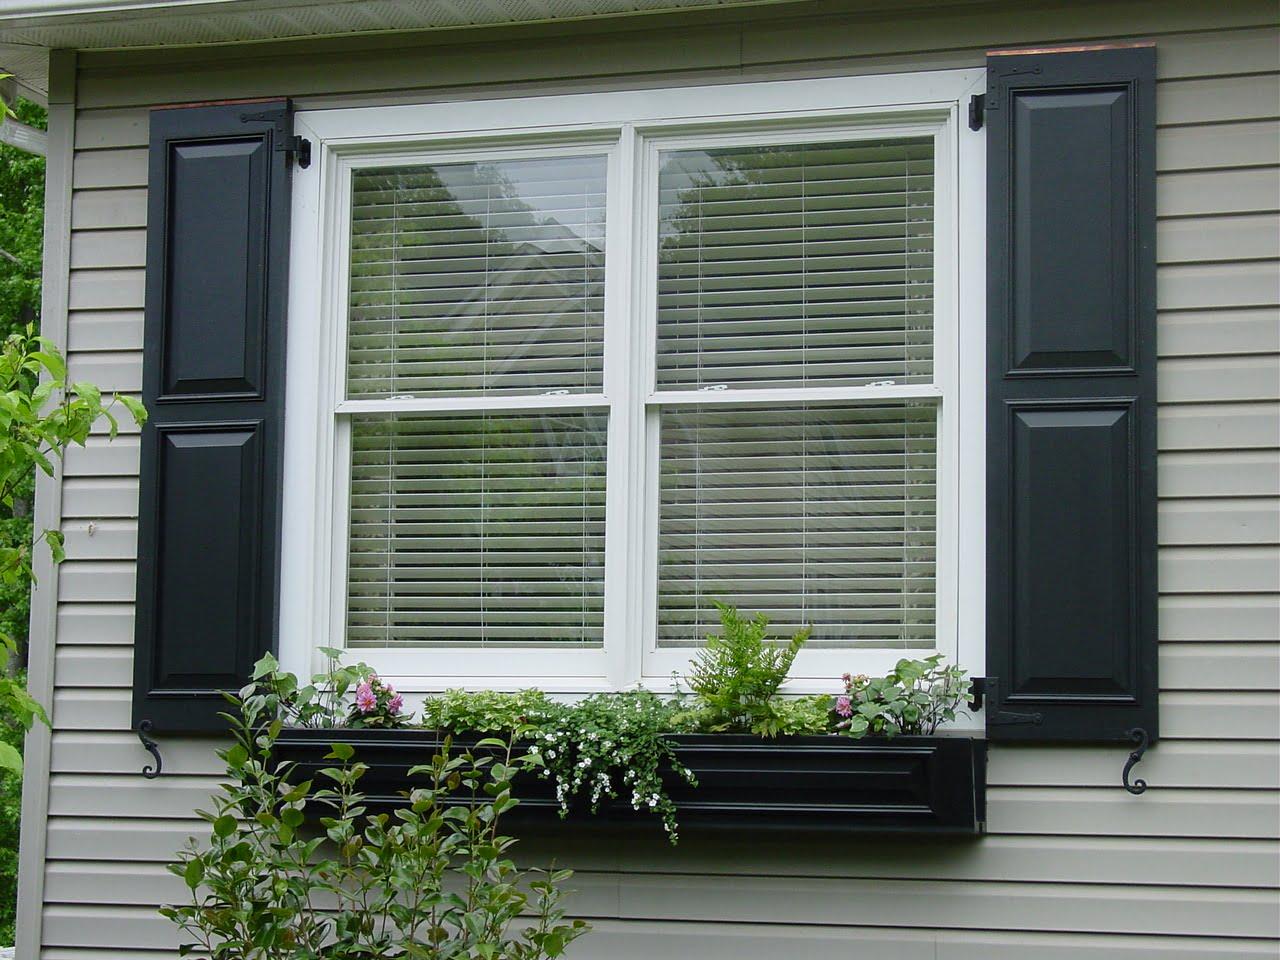 Rulouri exterioare pentru geam, Foto: bestshutterever.com